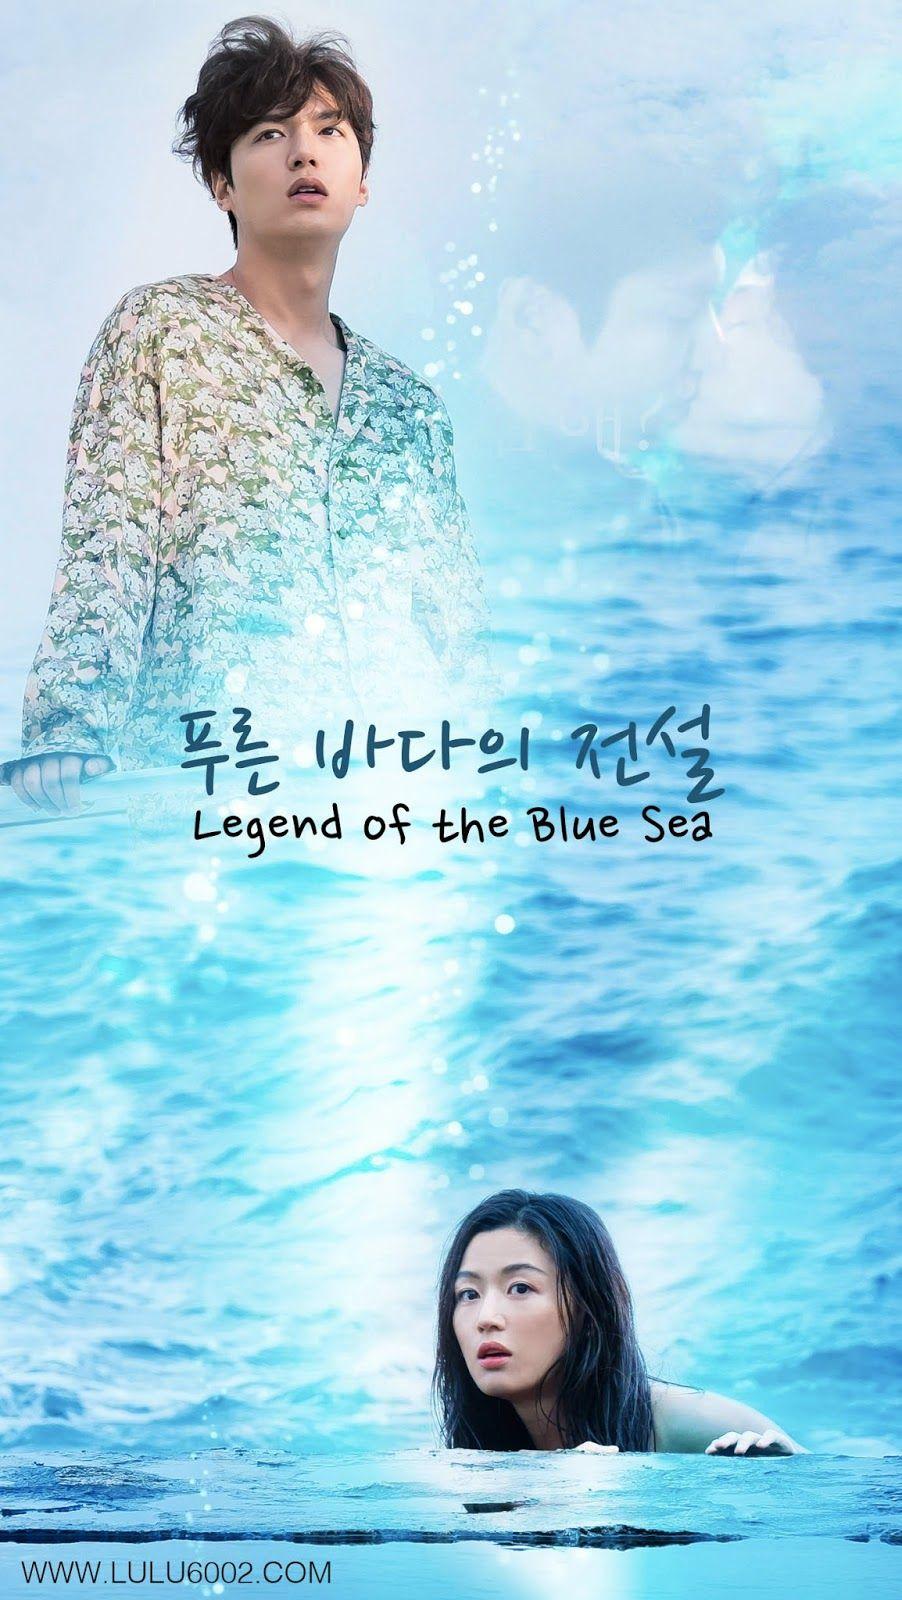 5 Fondos Para Celular De Legend Of The Blue Sea Como Ver